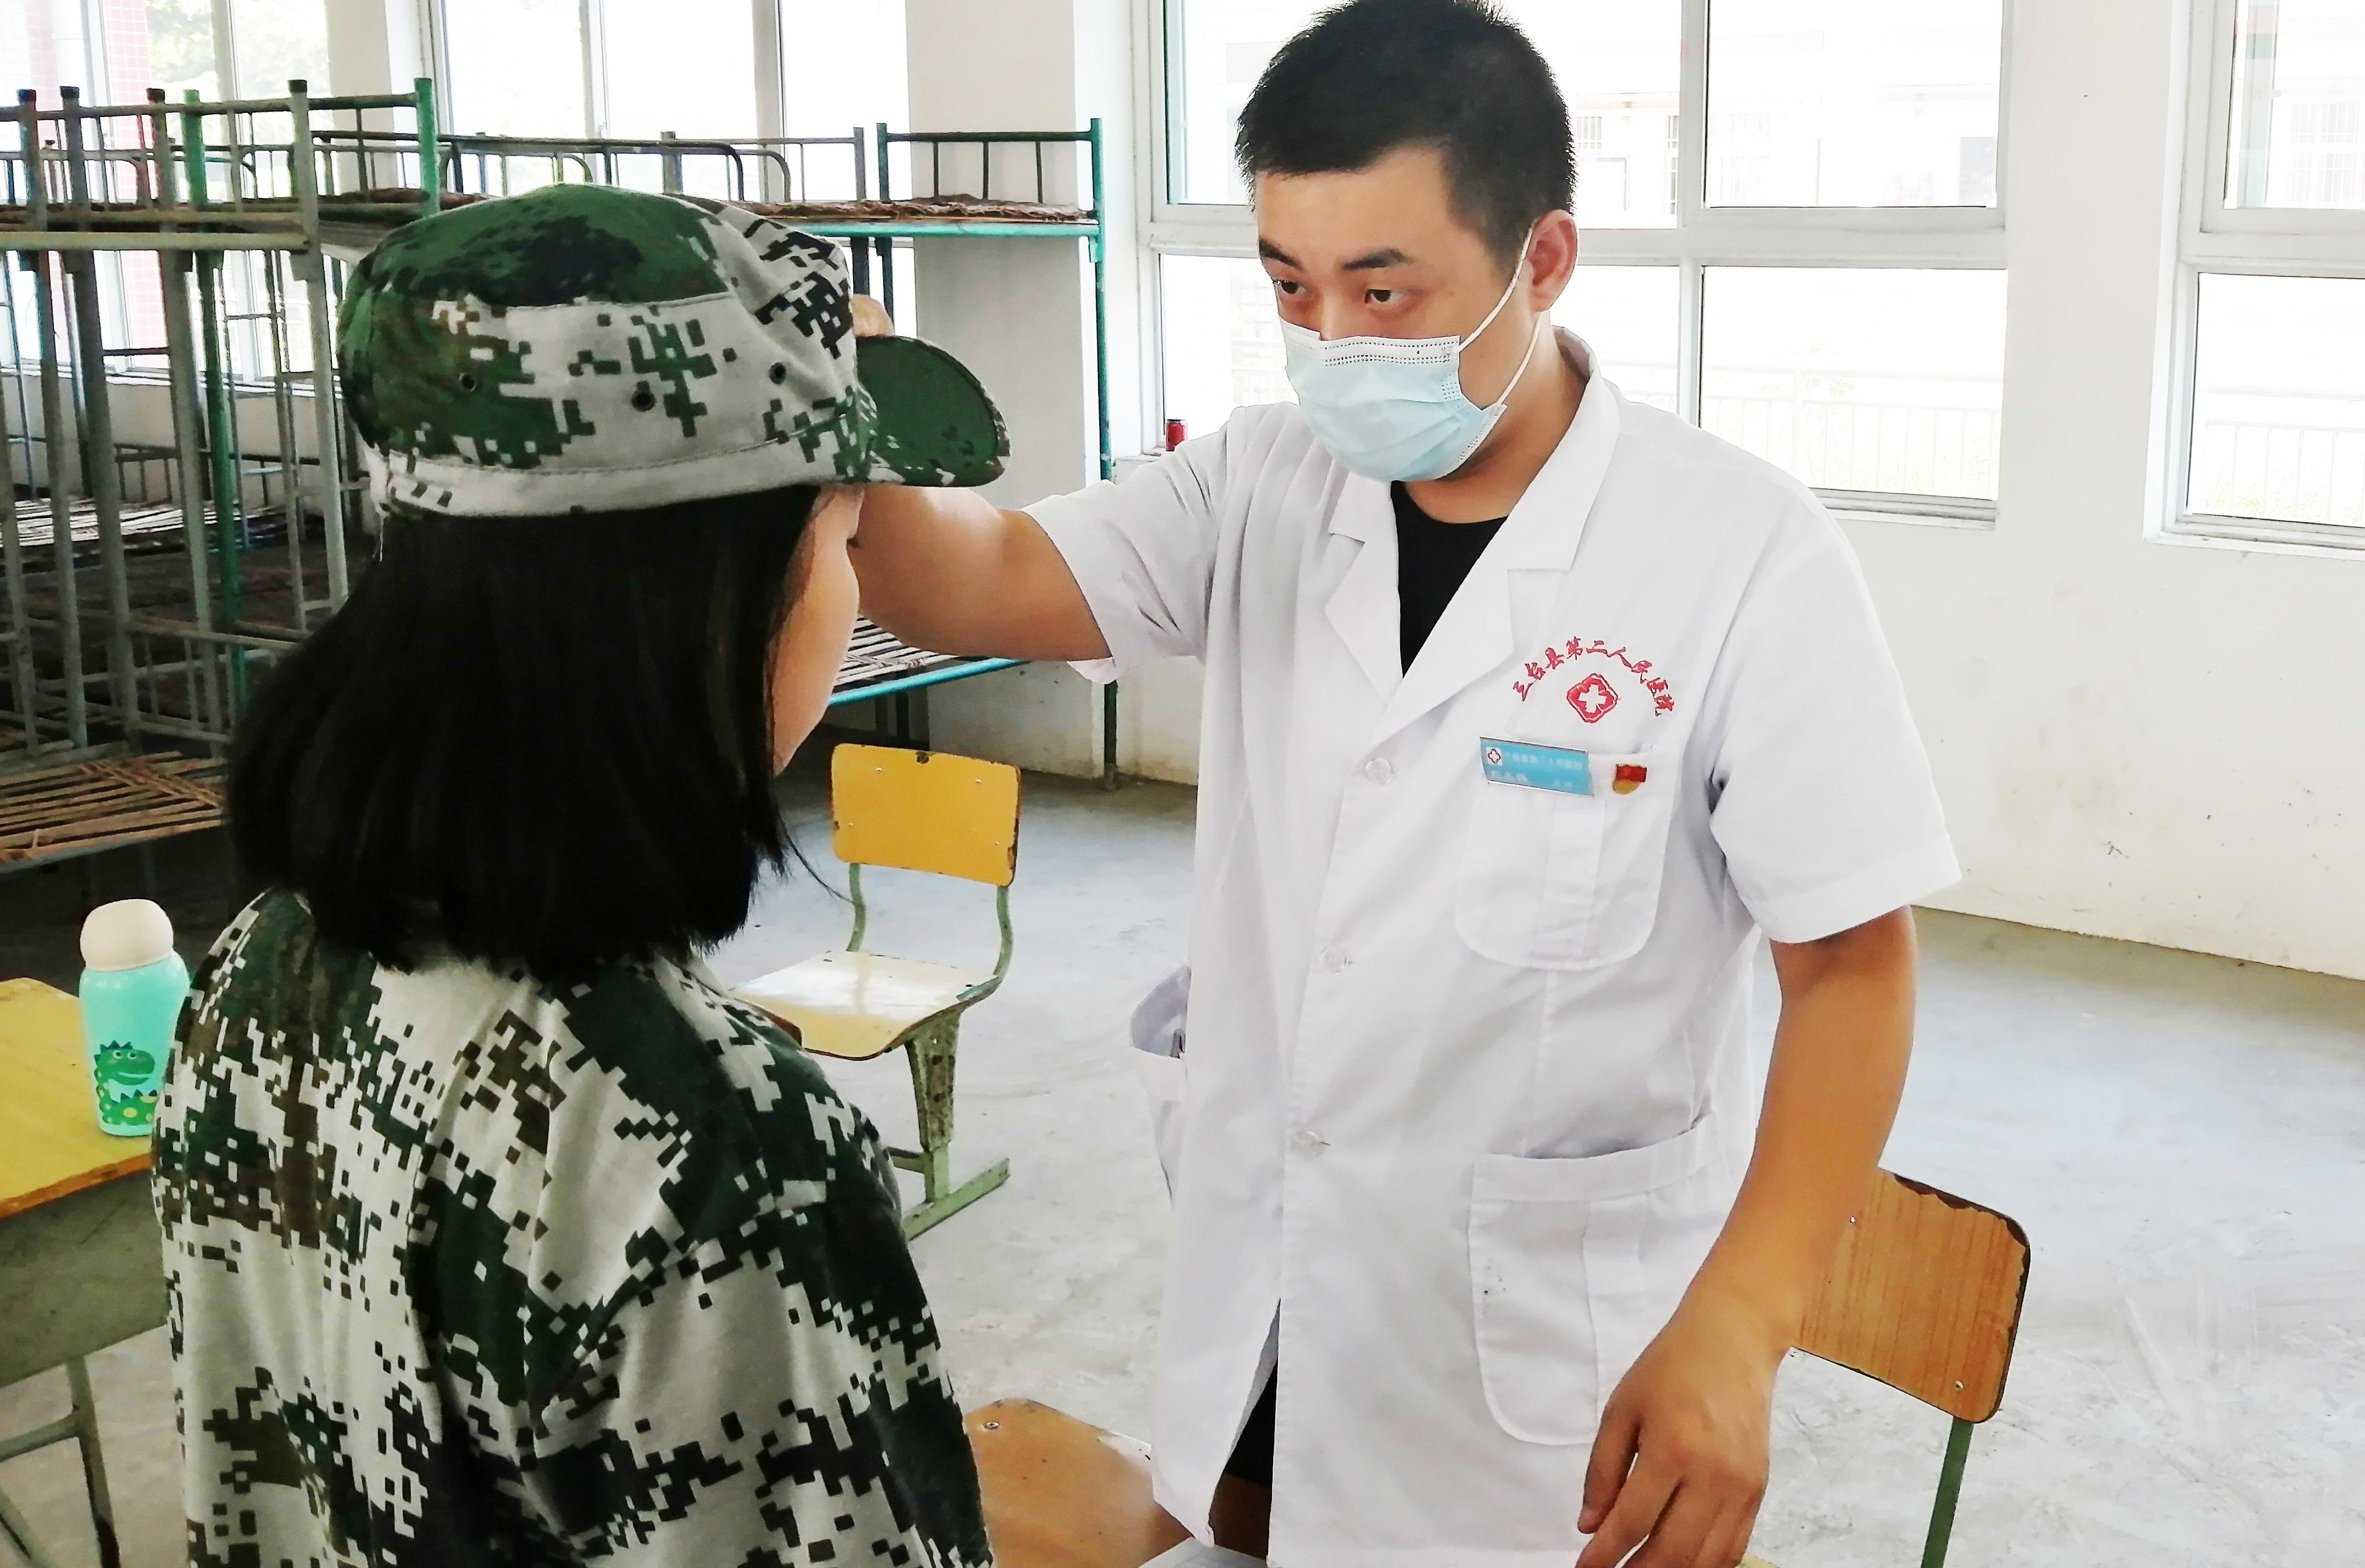 三台县芦溪镇中心卫生院开展党员志愿服务进学校主题党日活动